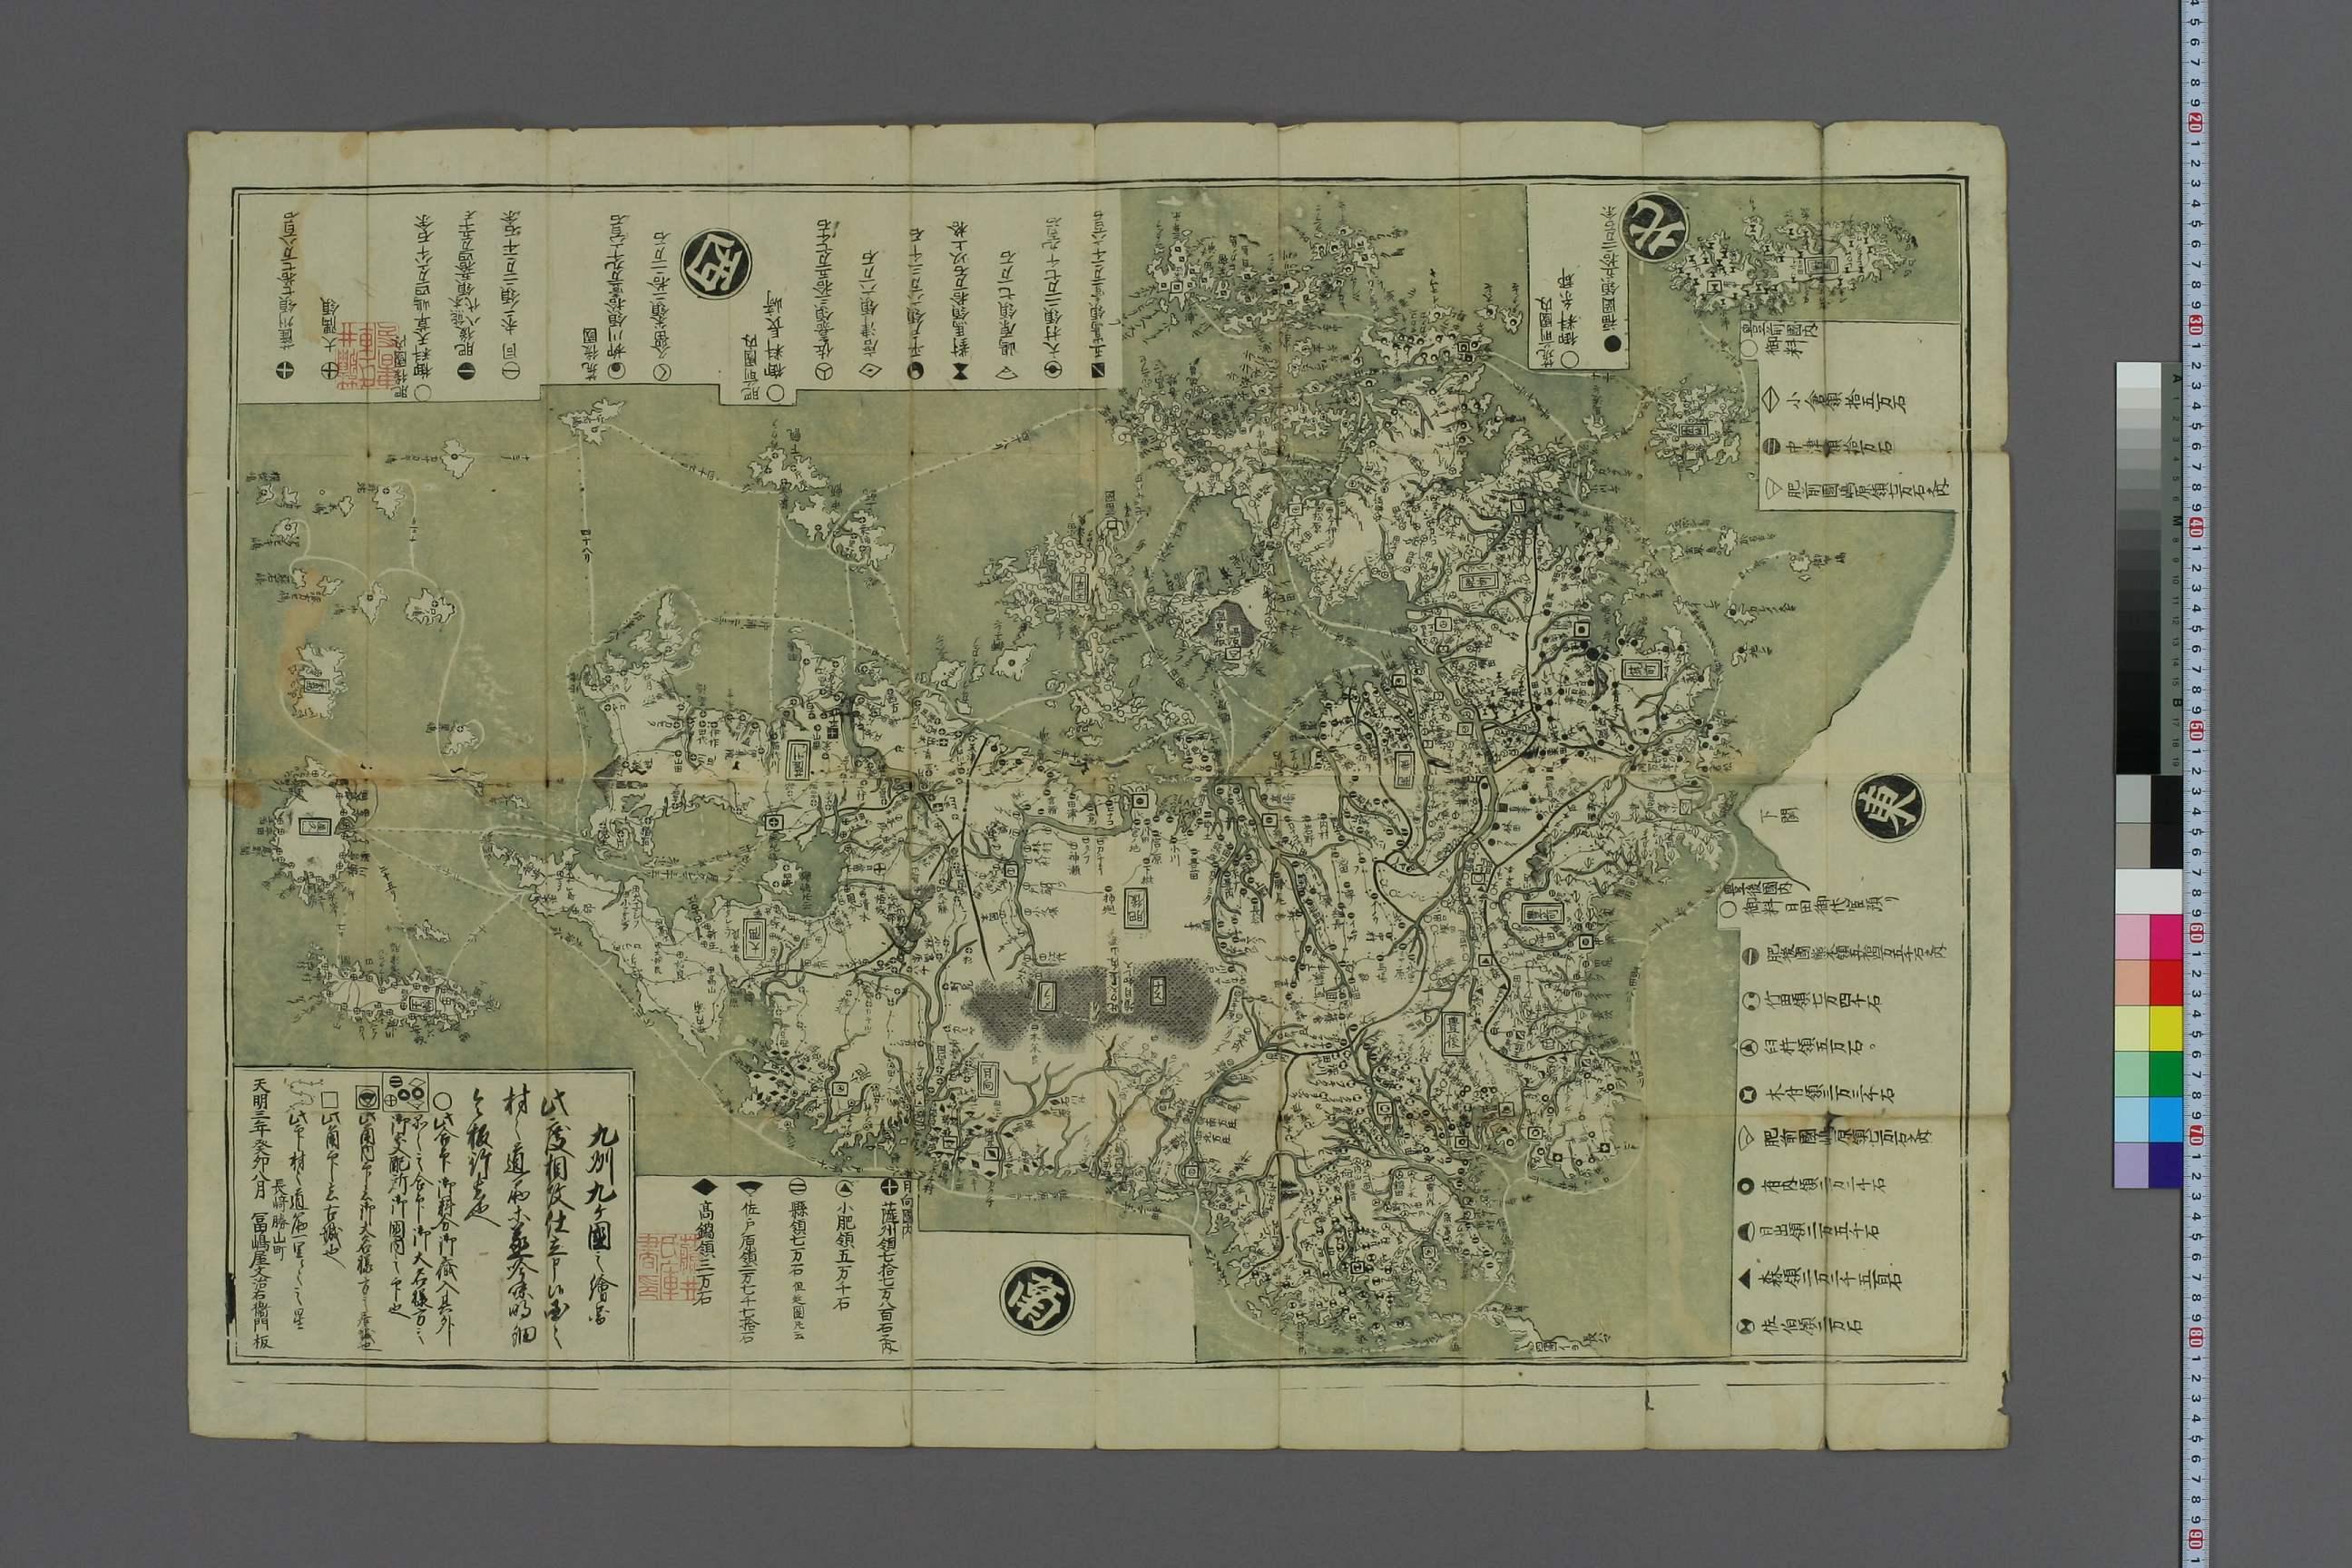 http://archive.wul.waseda.ac.jp/kosho/ru11/ru11_00857/ru11_00857_p0001.jpg